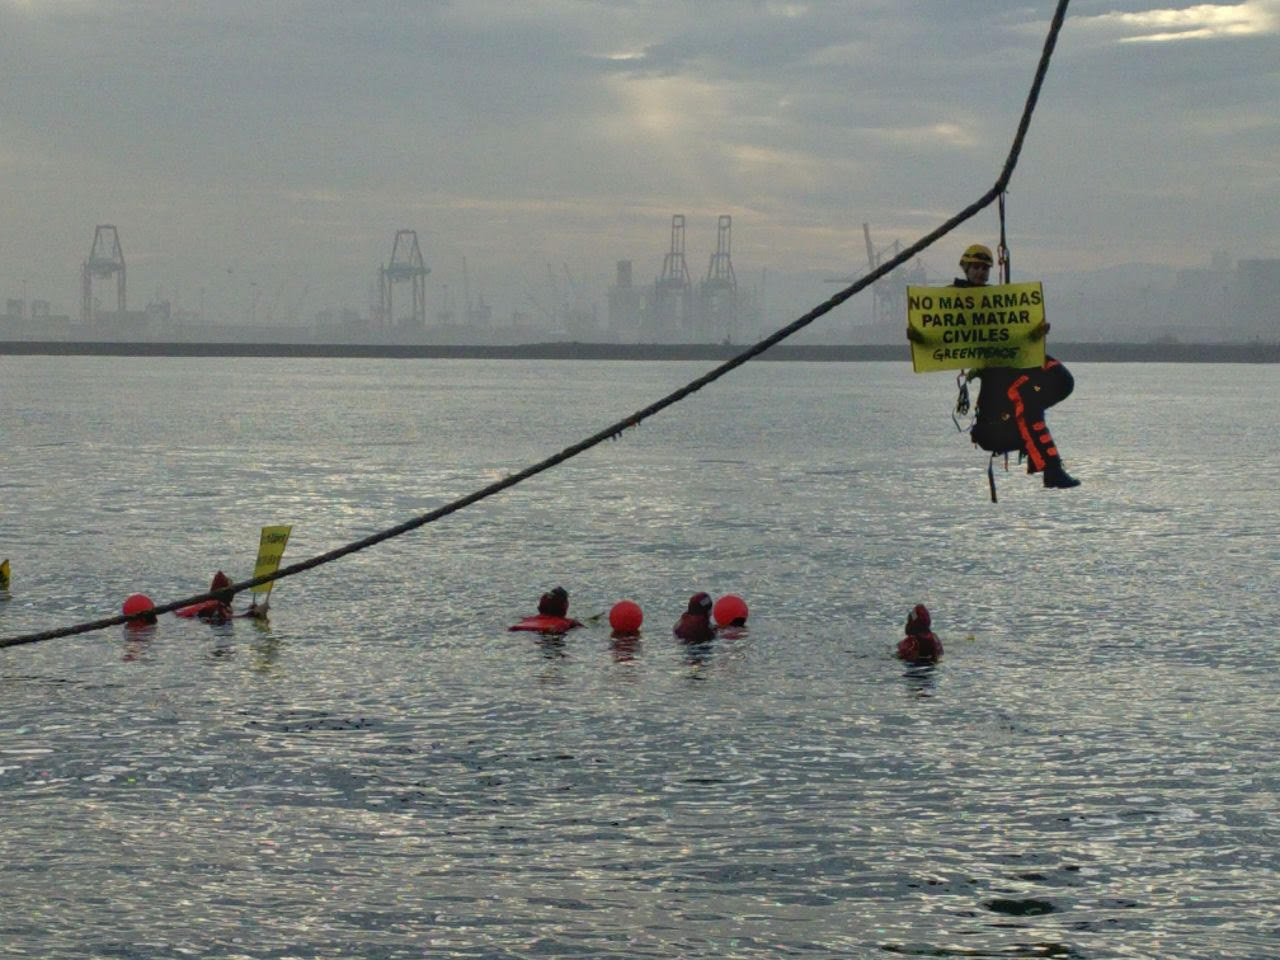 Un activistas colgado del amarre del buque en el puerto de Bilbao